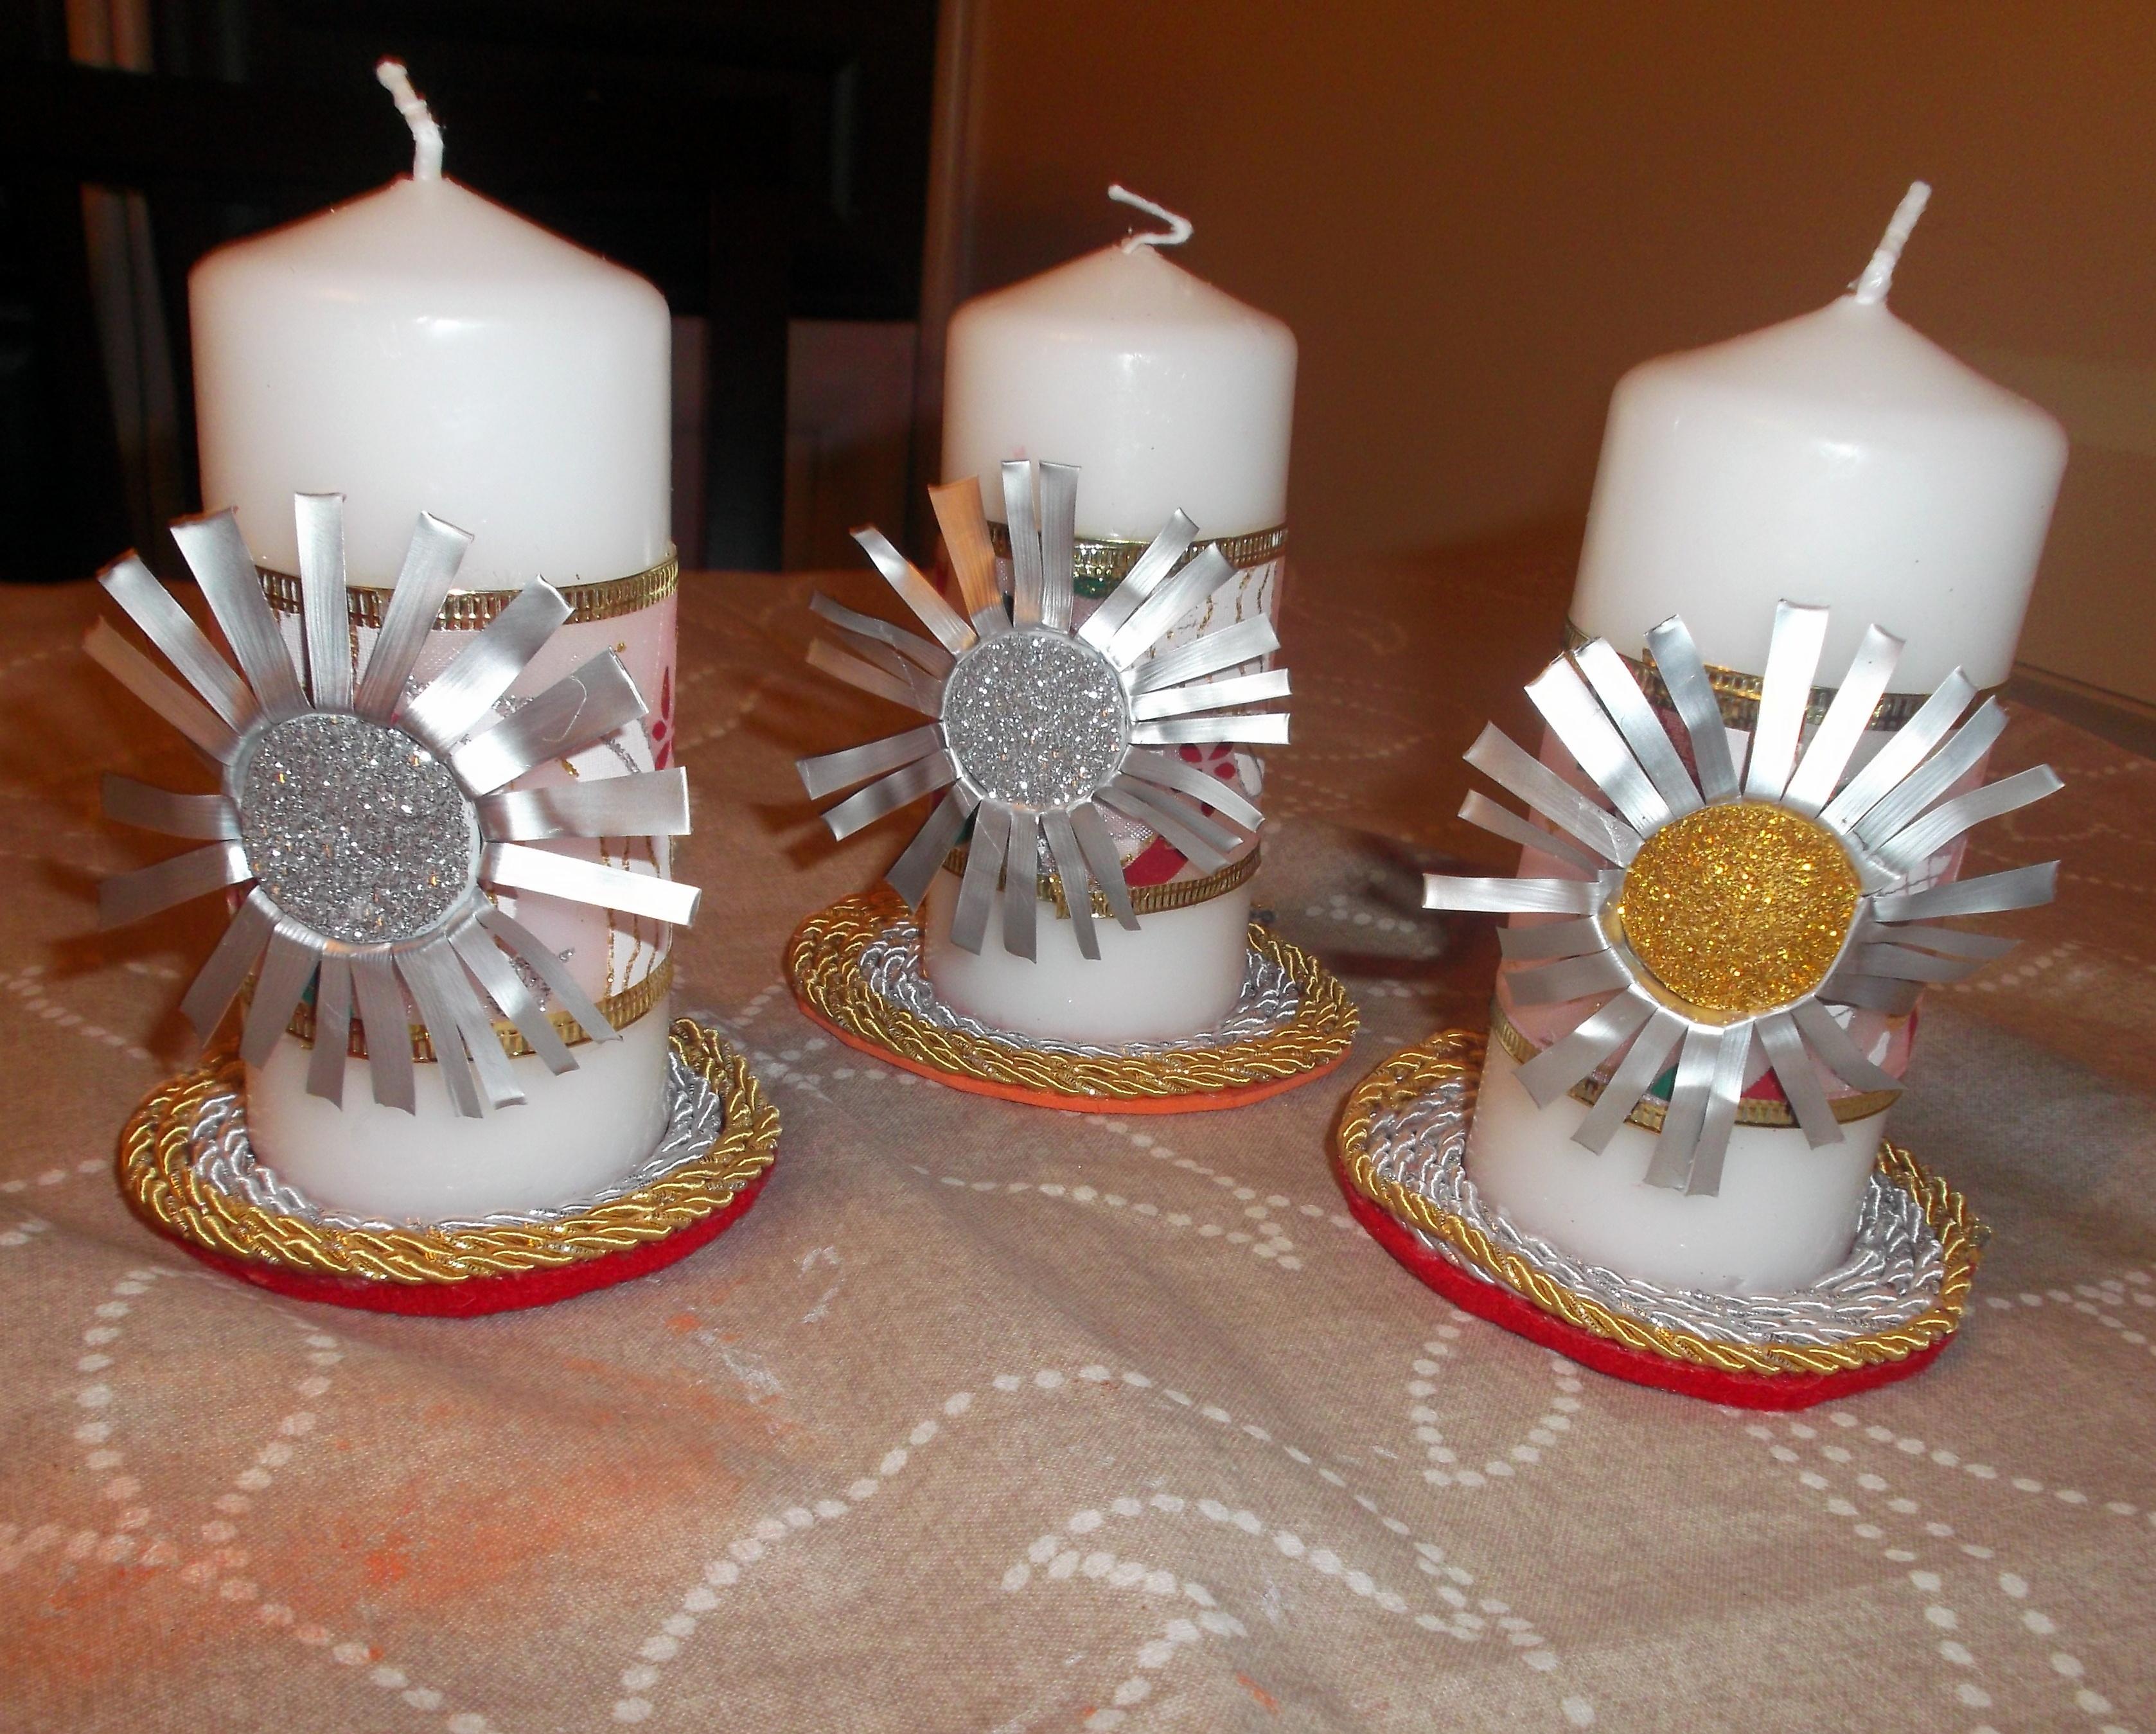 Bola de navidad con botes de conservas y velas decoradas - Que hacer con capsulas nespresso ...